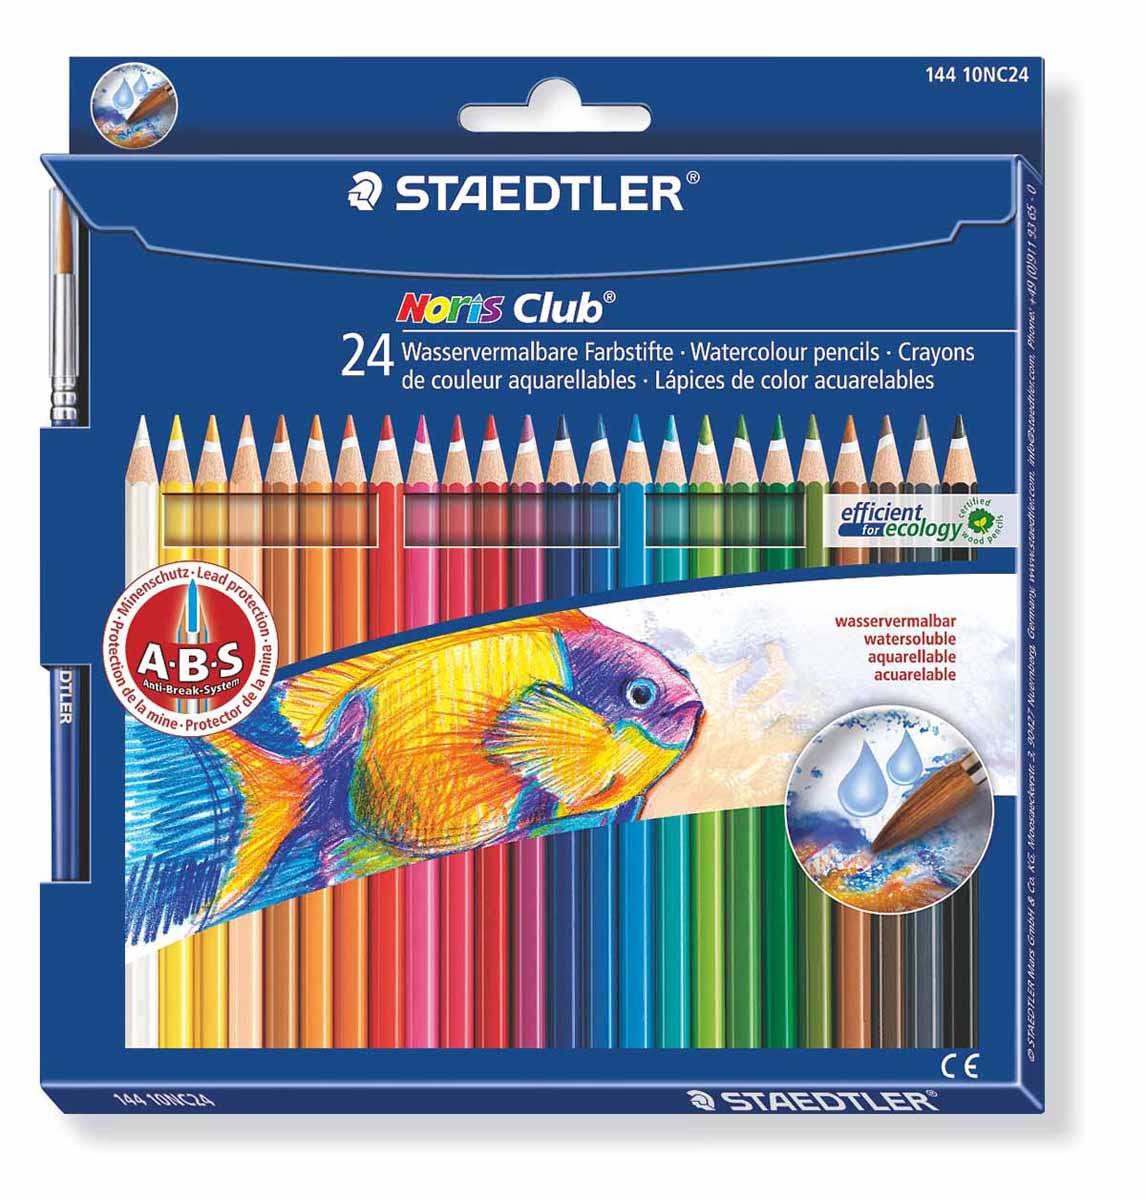 Staedtler Набор акварельных карандашей Noris Club с кисточкой 24 цвета72523WDНабор цветных карандашей шестигранной формы с акварельным грифелем Noris Club 24 шт + кисть, Staedtler. Содержит 24 цвета в ассортименте. Широкий выбор возможностей для рисования - также водой и кистью.